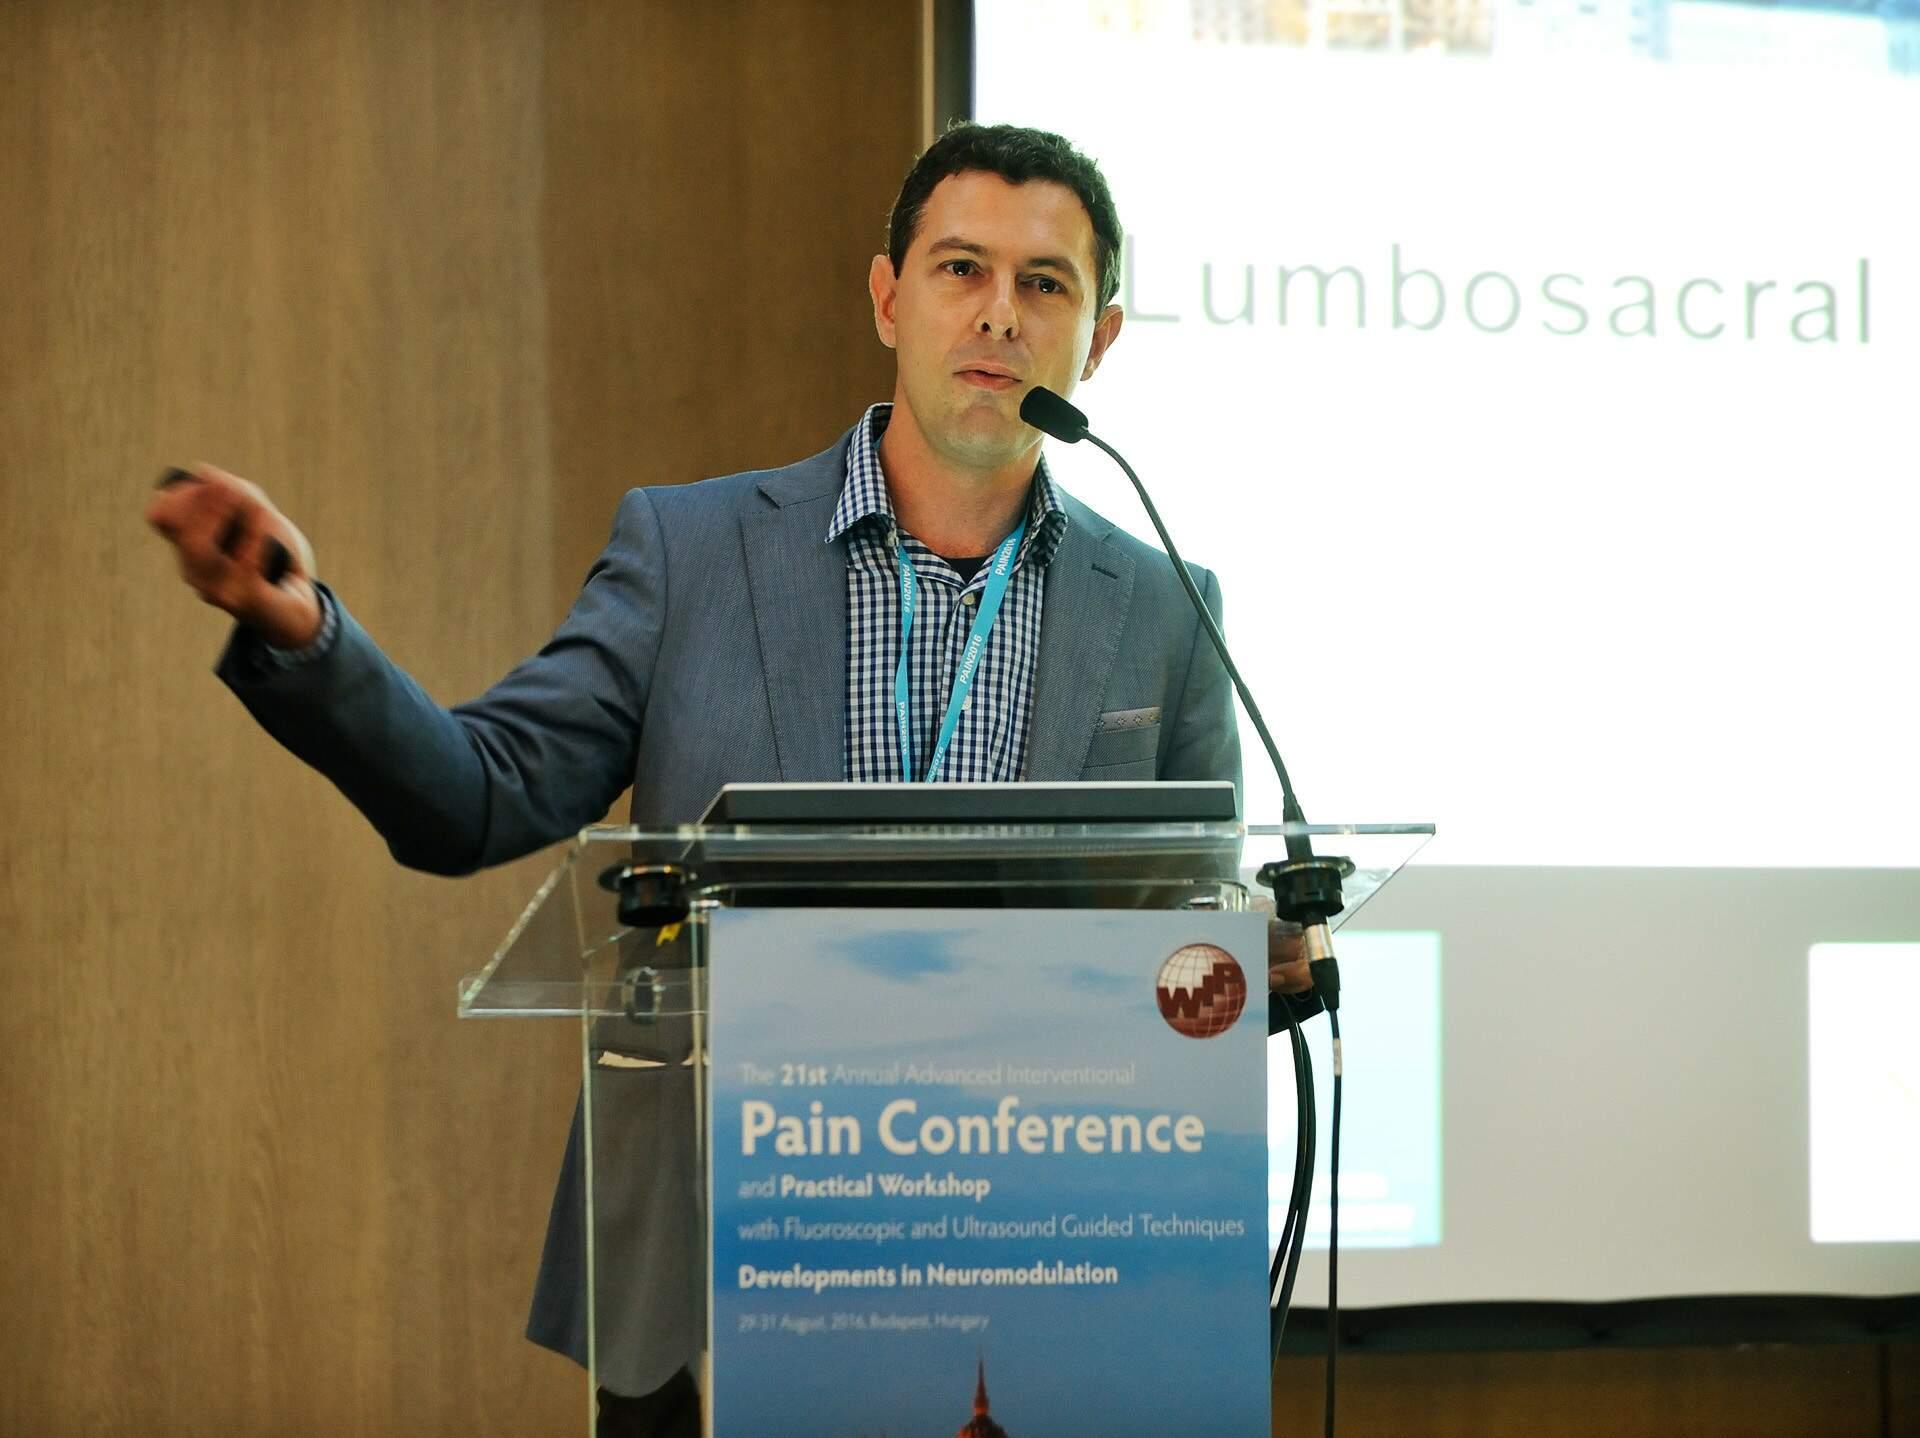 PainConference_2016-08-29_052_Dr_Charles_Amaral_de_Oliveira